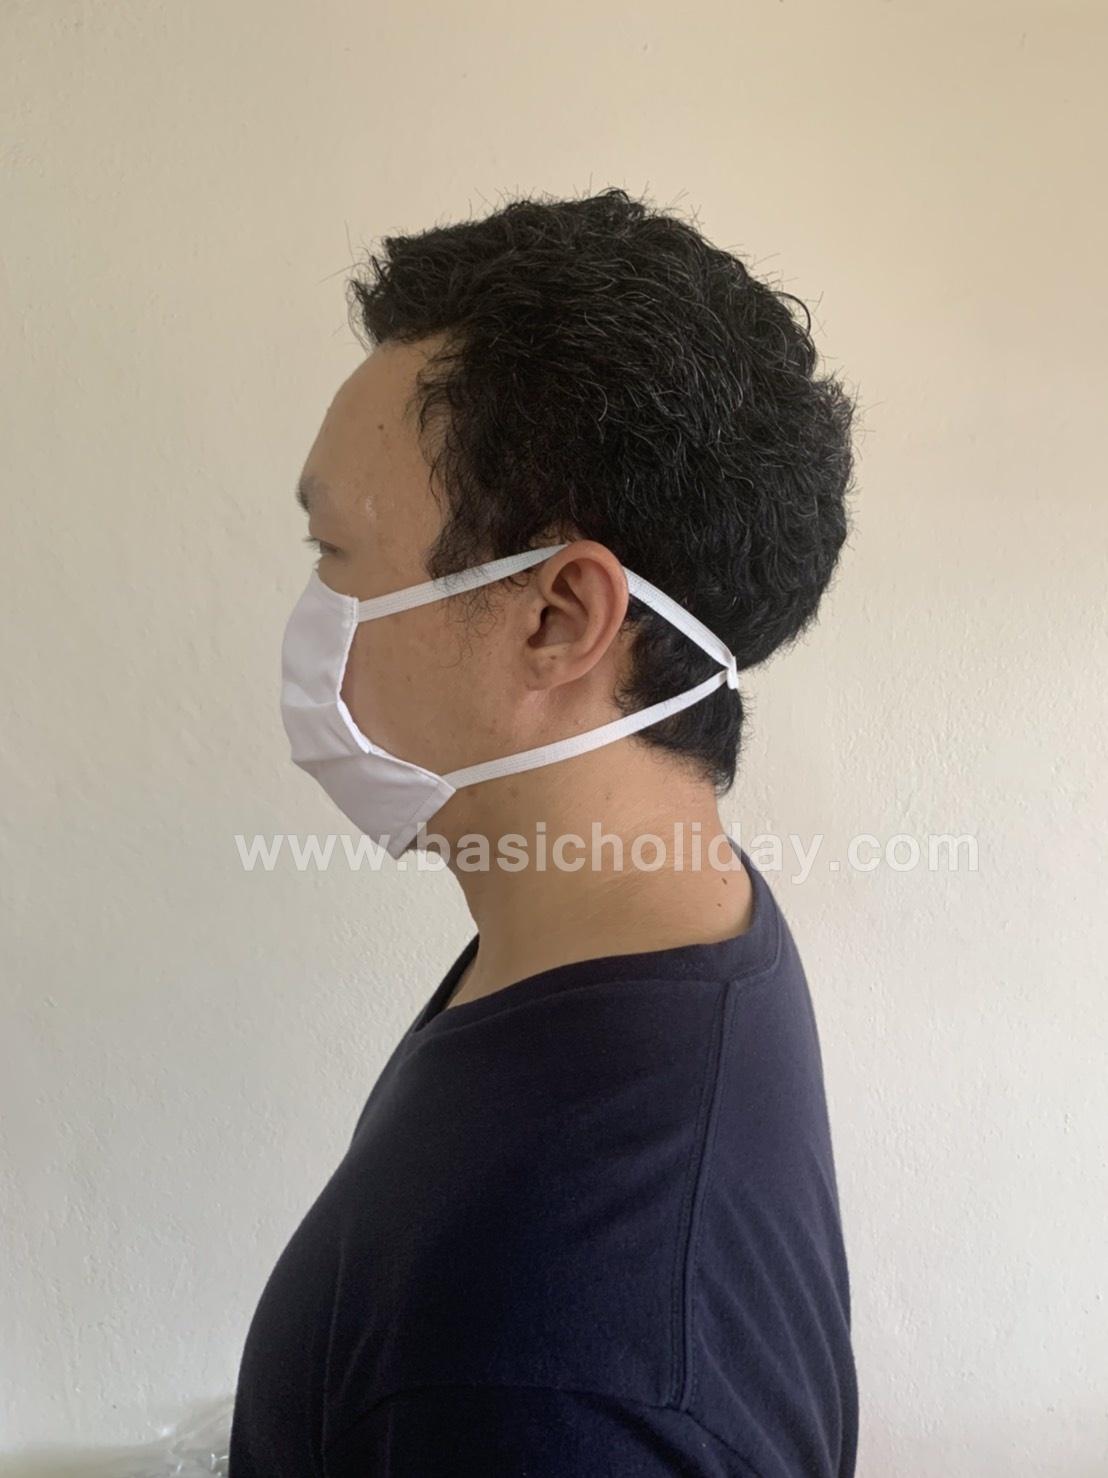 หน้ากากอนามัยแบบผ้า หน้ากากผ้า หน้ากากป้องกันฝุ่น หน้ากากปิดจมูก ผ้าปิดจมูก